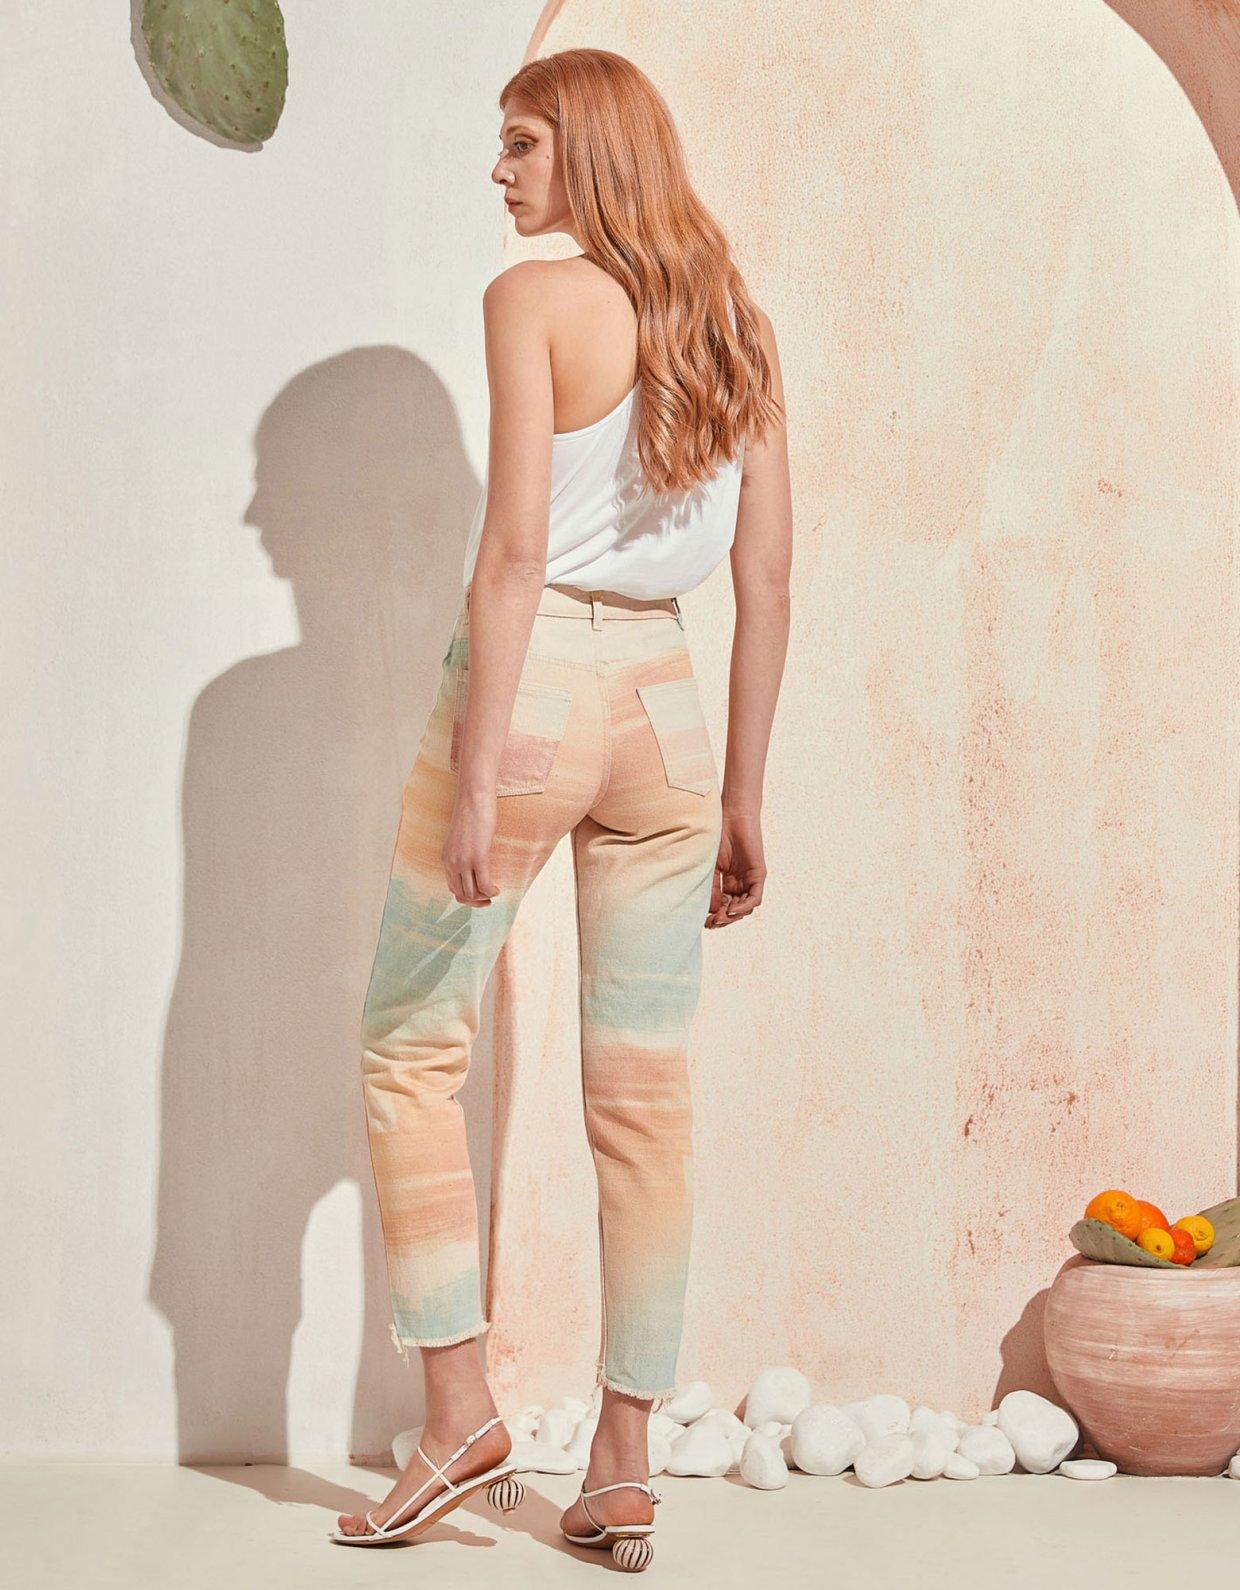 The Knl's Burst jeans sky dye